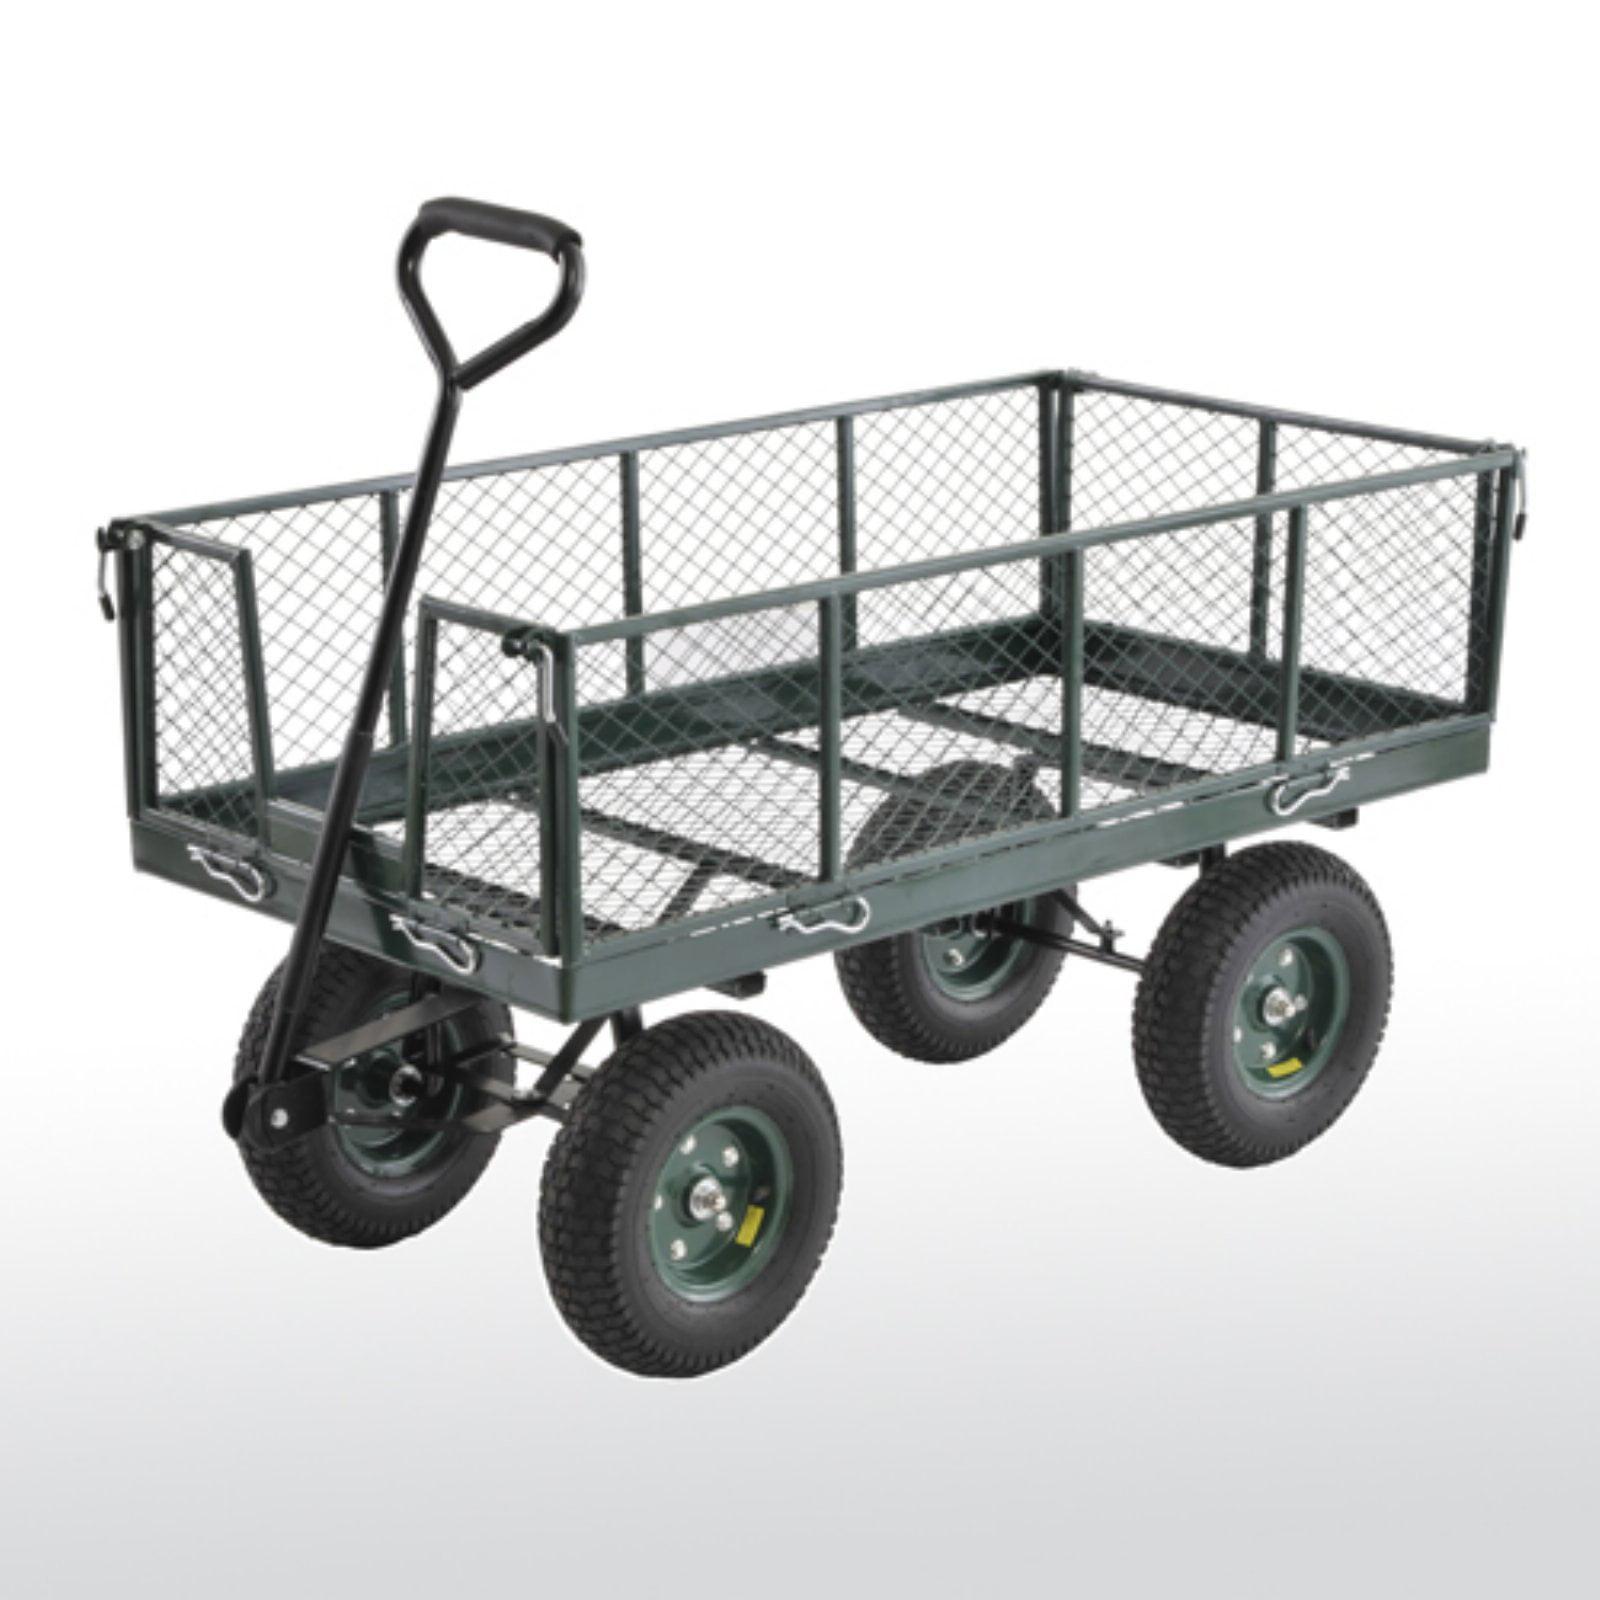 Sandusky Lee Heavy Duty Steel Crate Wagon